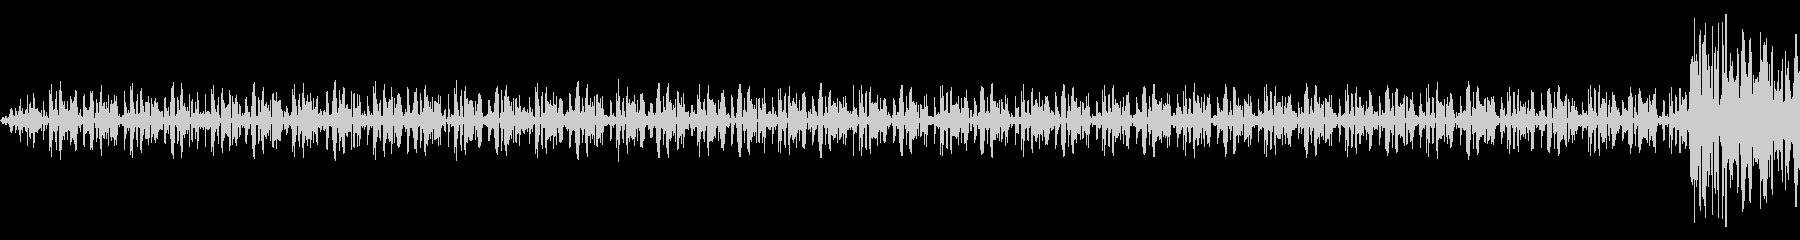 ラジオザップの未再生の波形